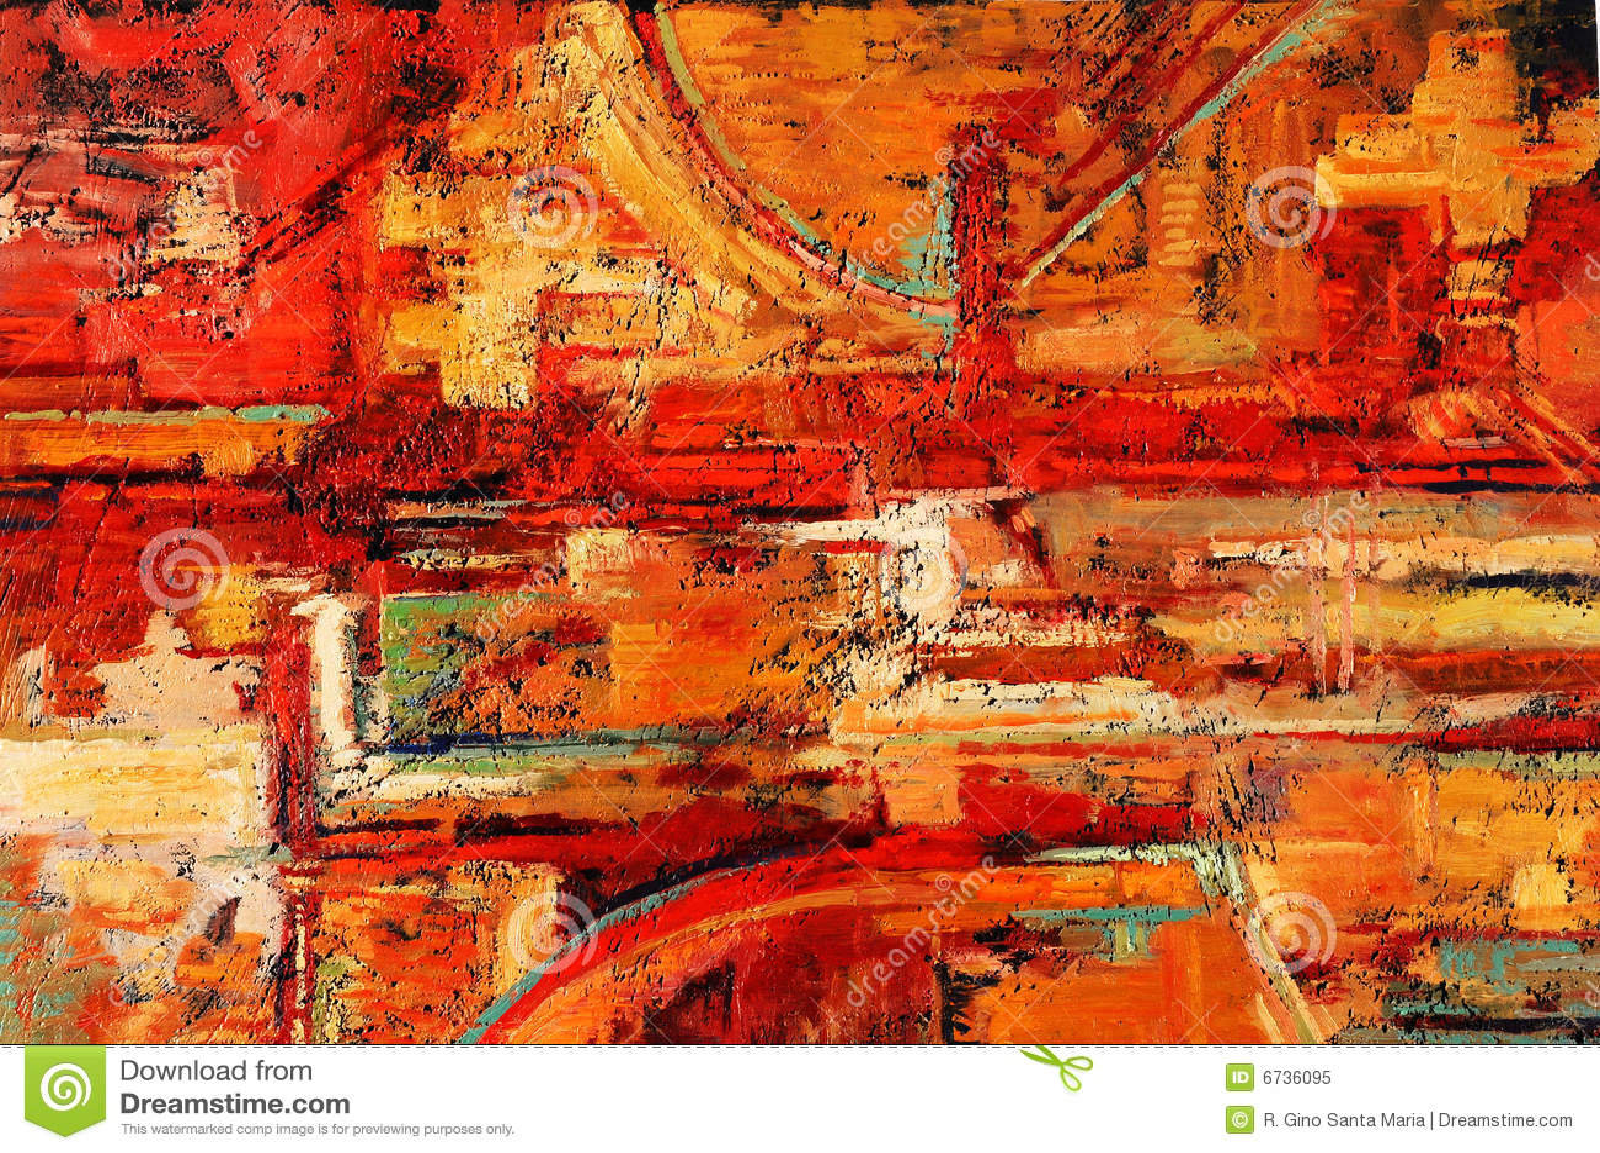 Peinture abstraite photo libre de droits image 6736095 - Peinture huile abstraite ...